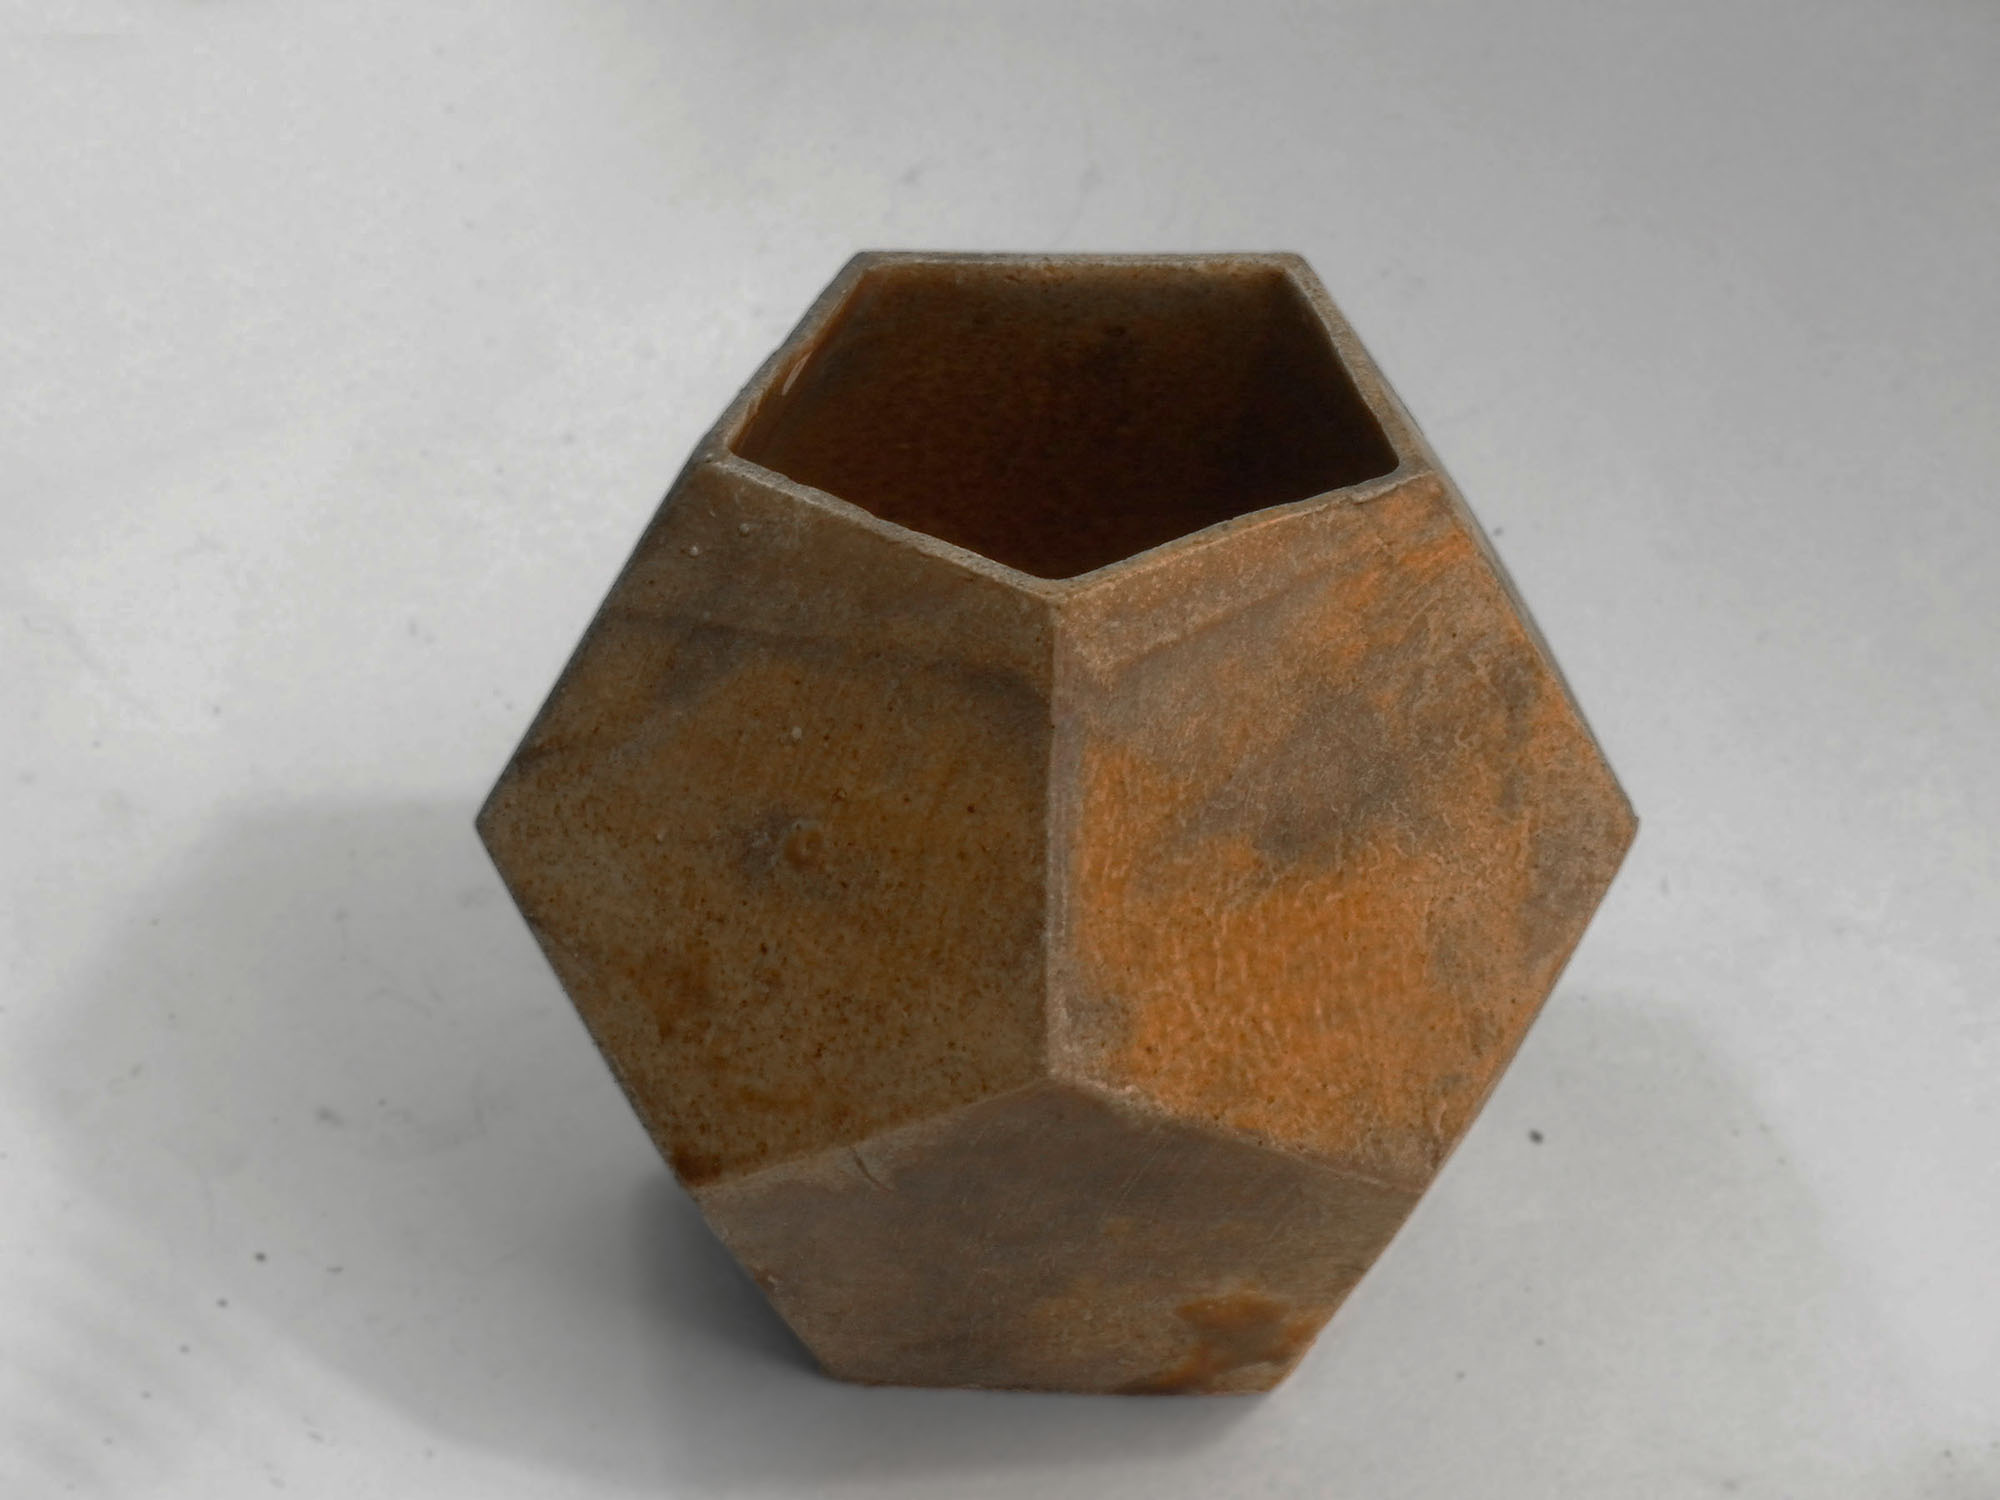 Vintage Geometric Vase Prototype in Brown A